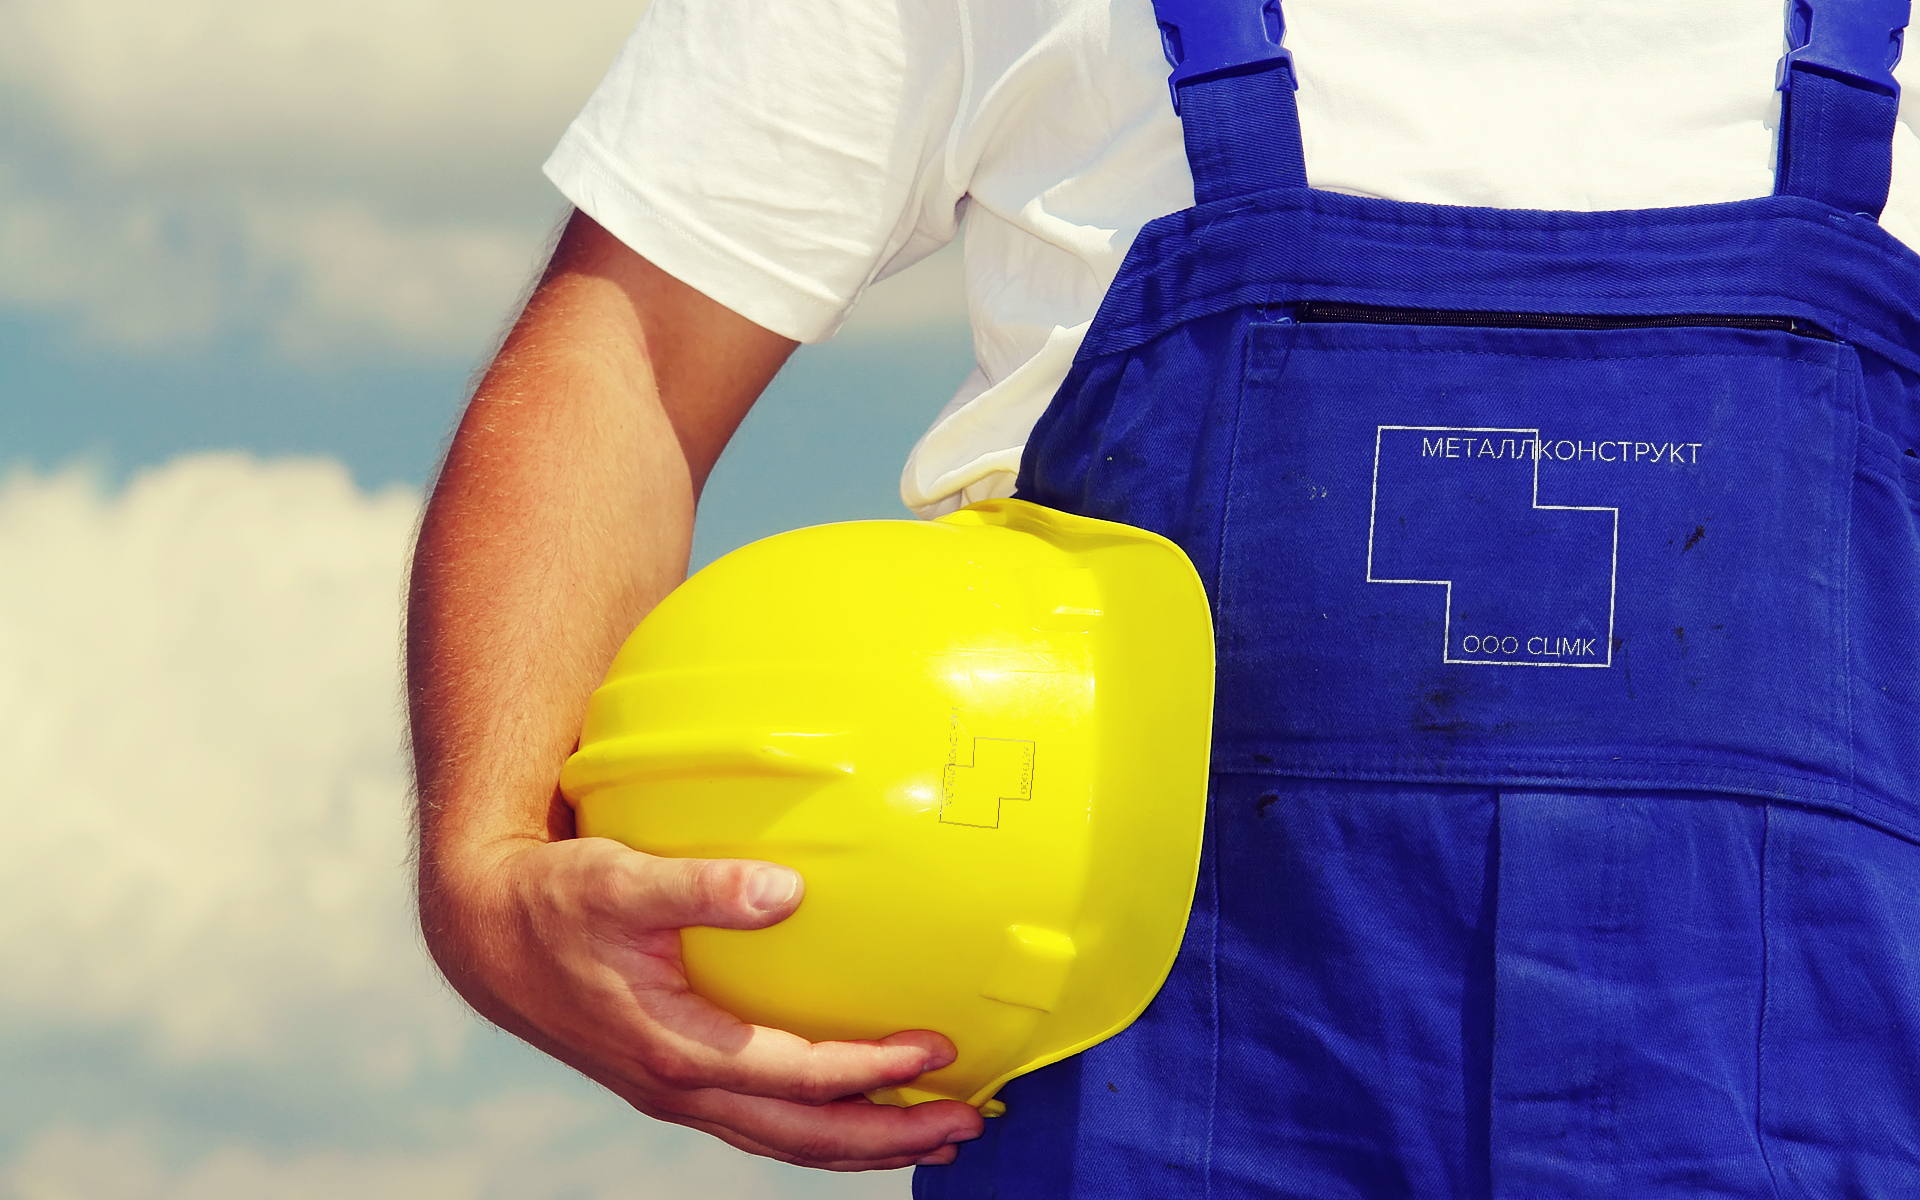 Разработка логотипа и фирменного стиля фото f_5085ad4fa2443fdb.jpg